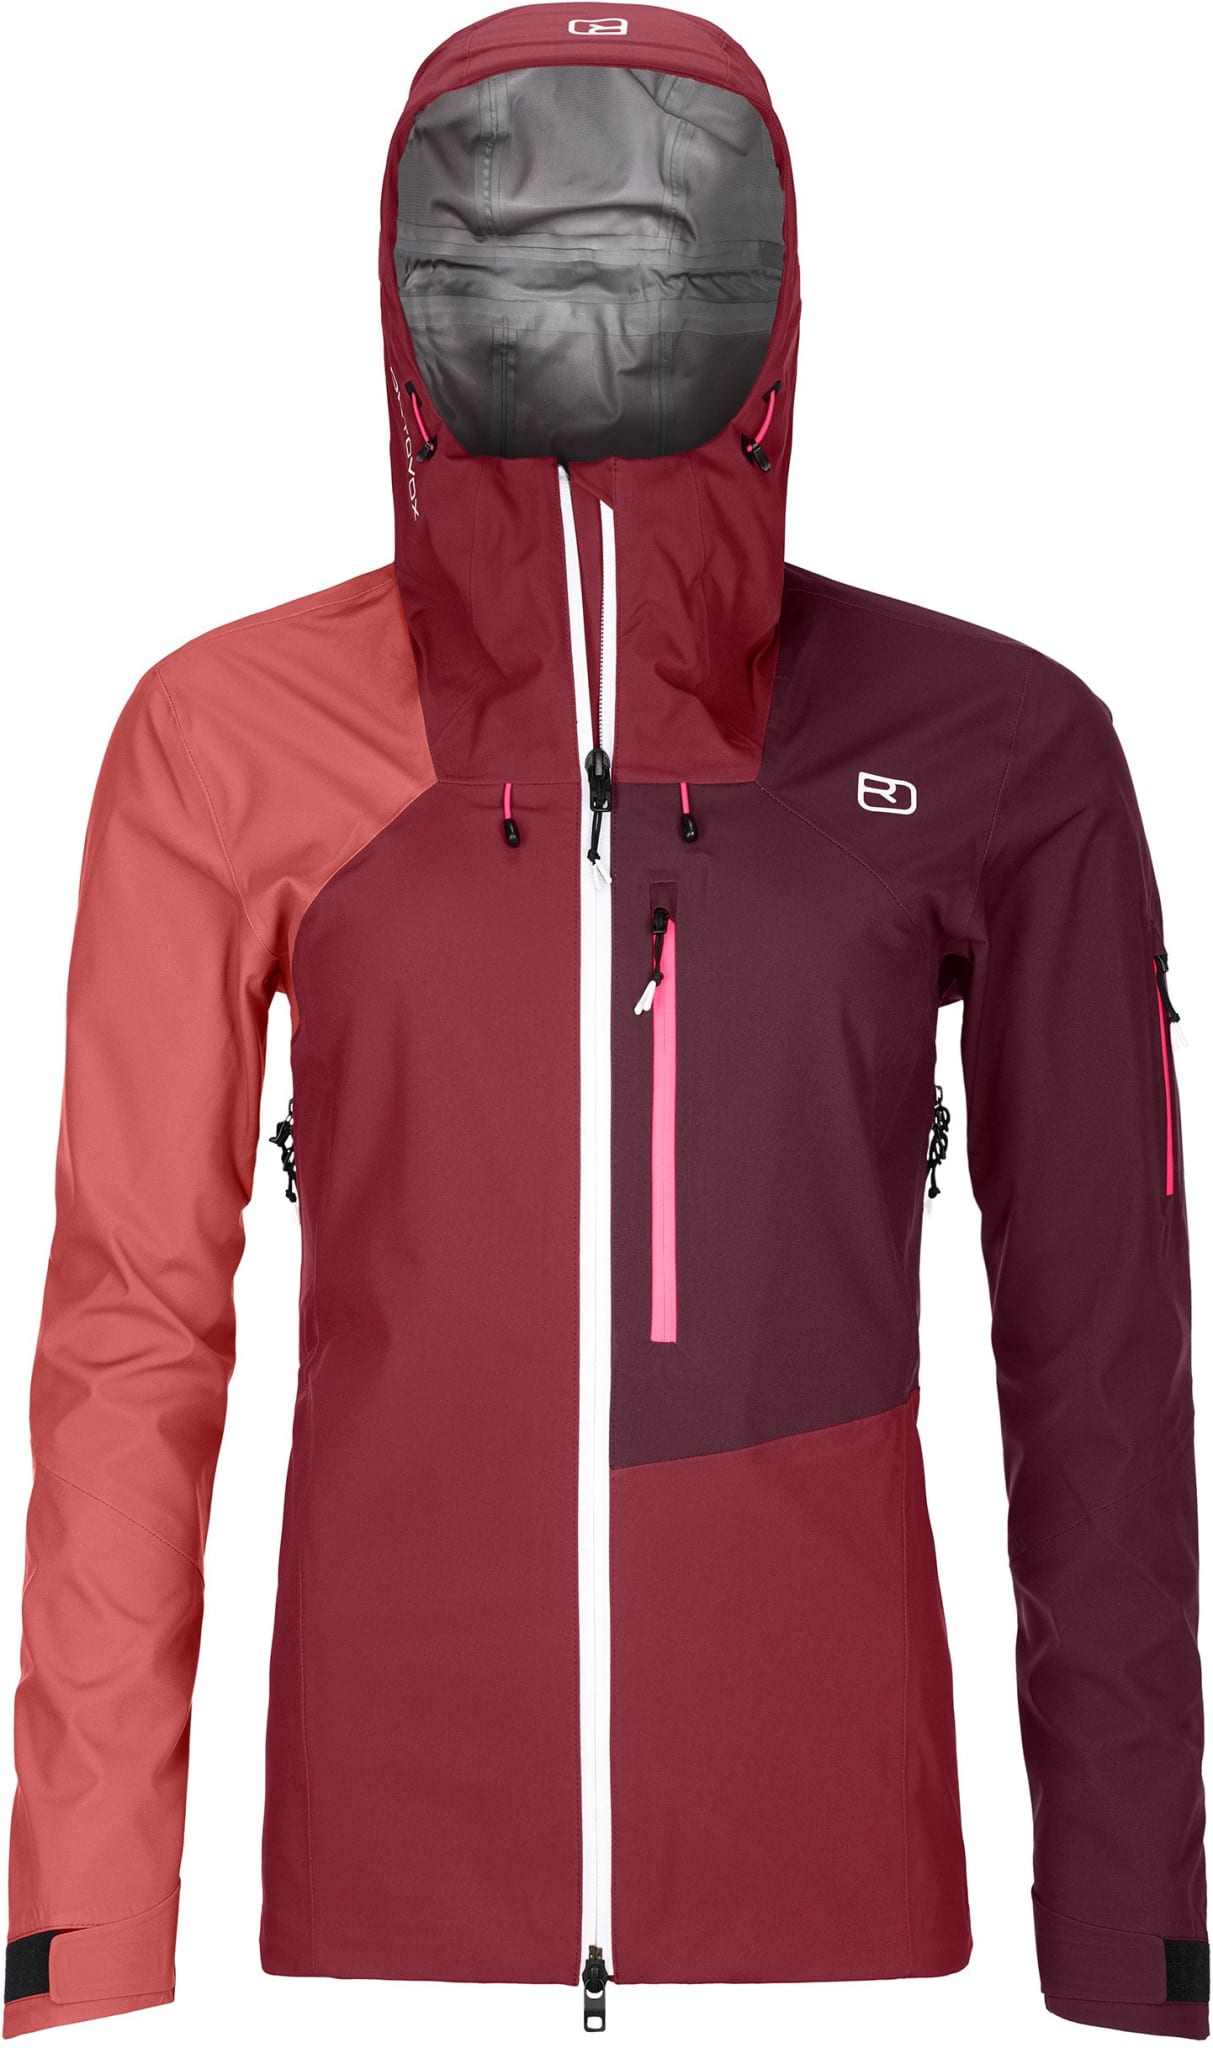 3L Ortler Jacket W